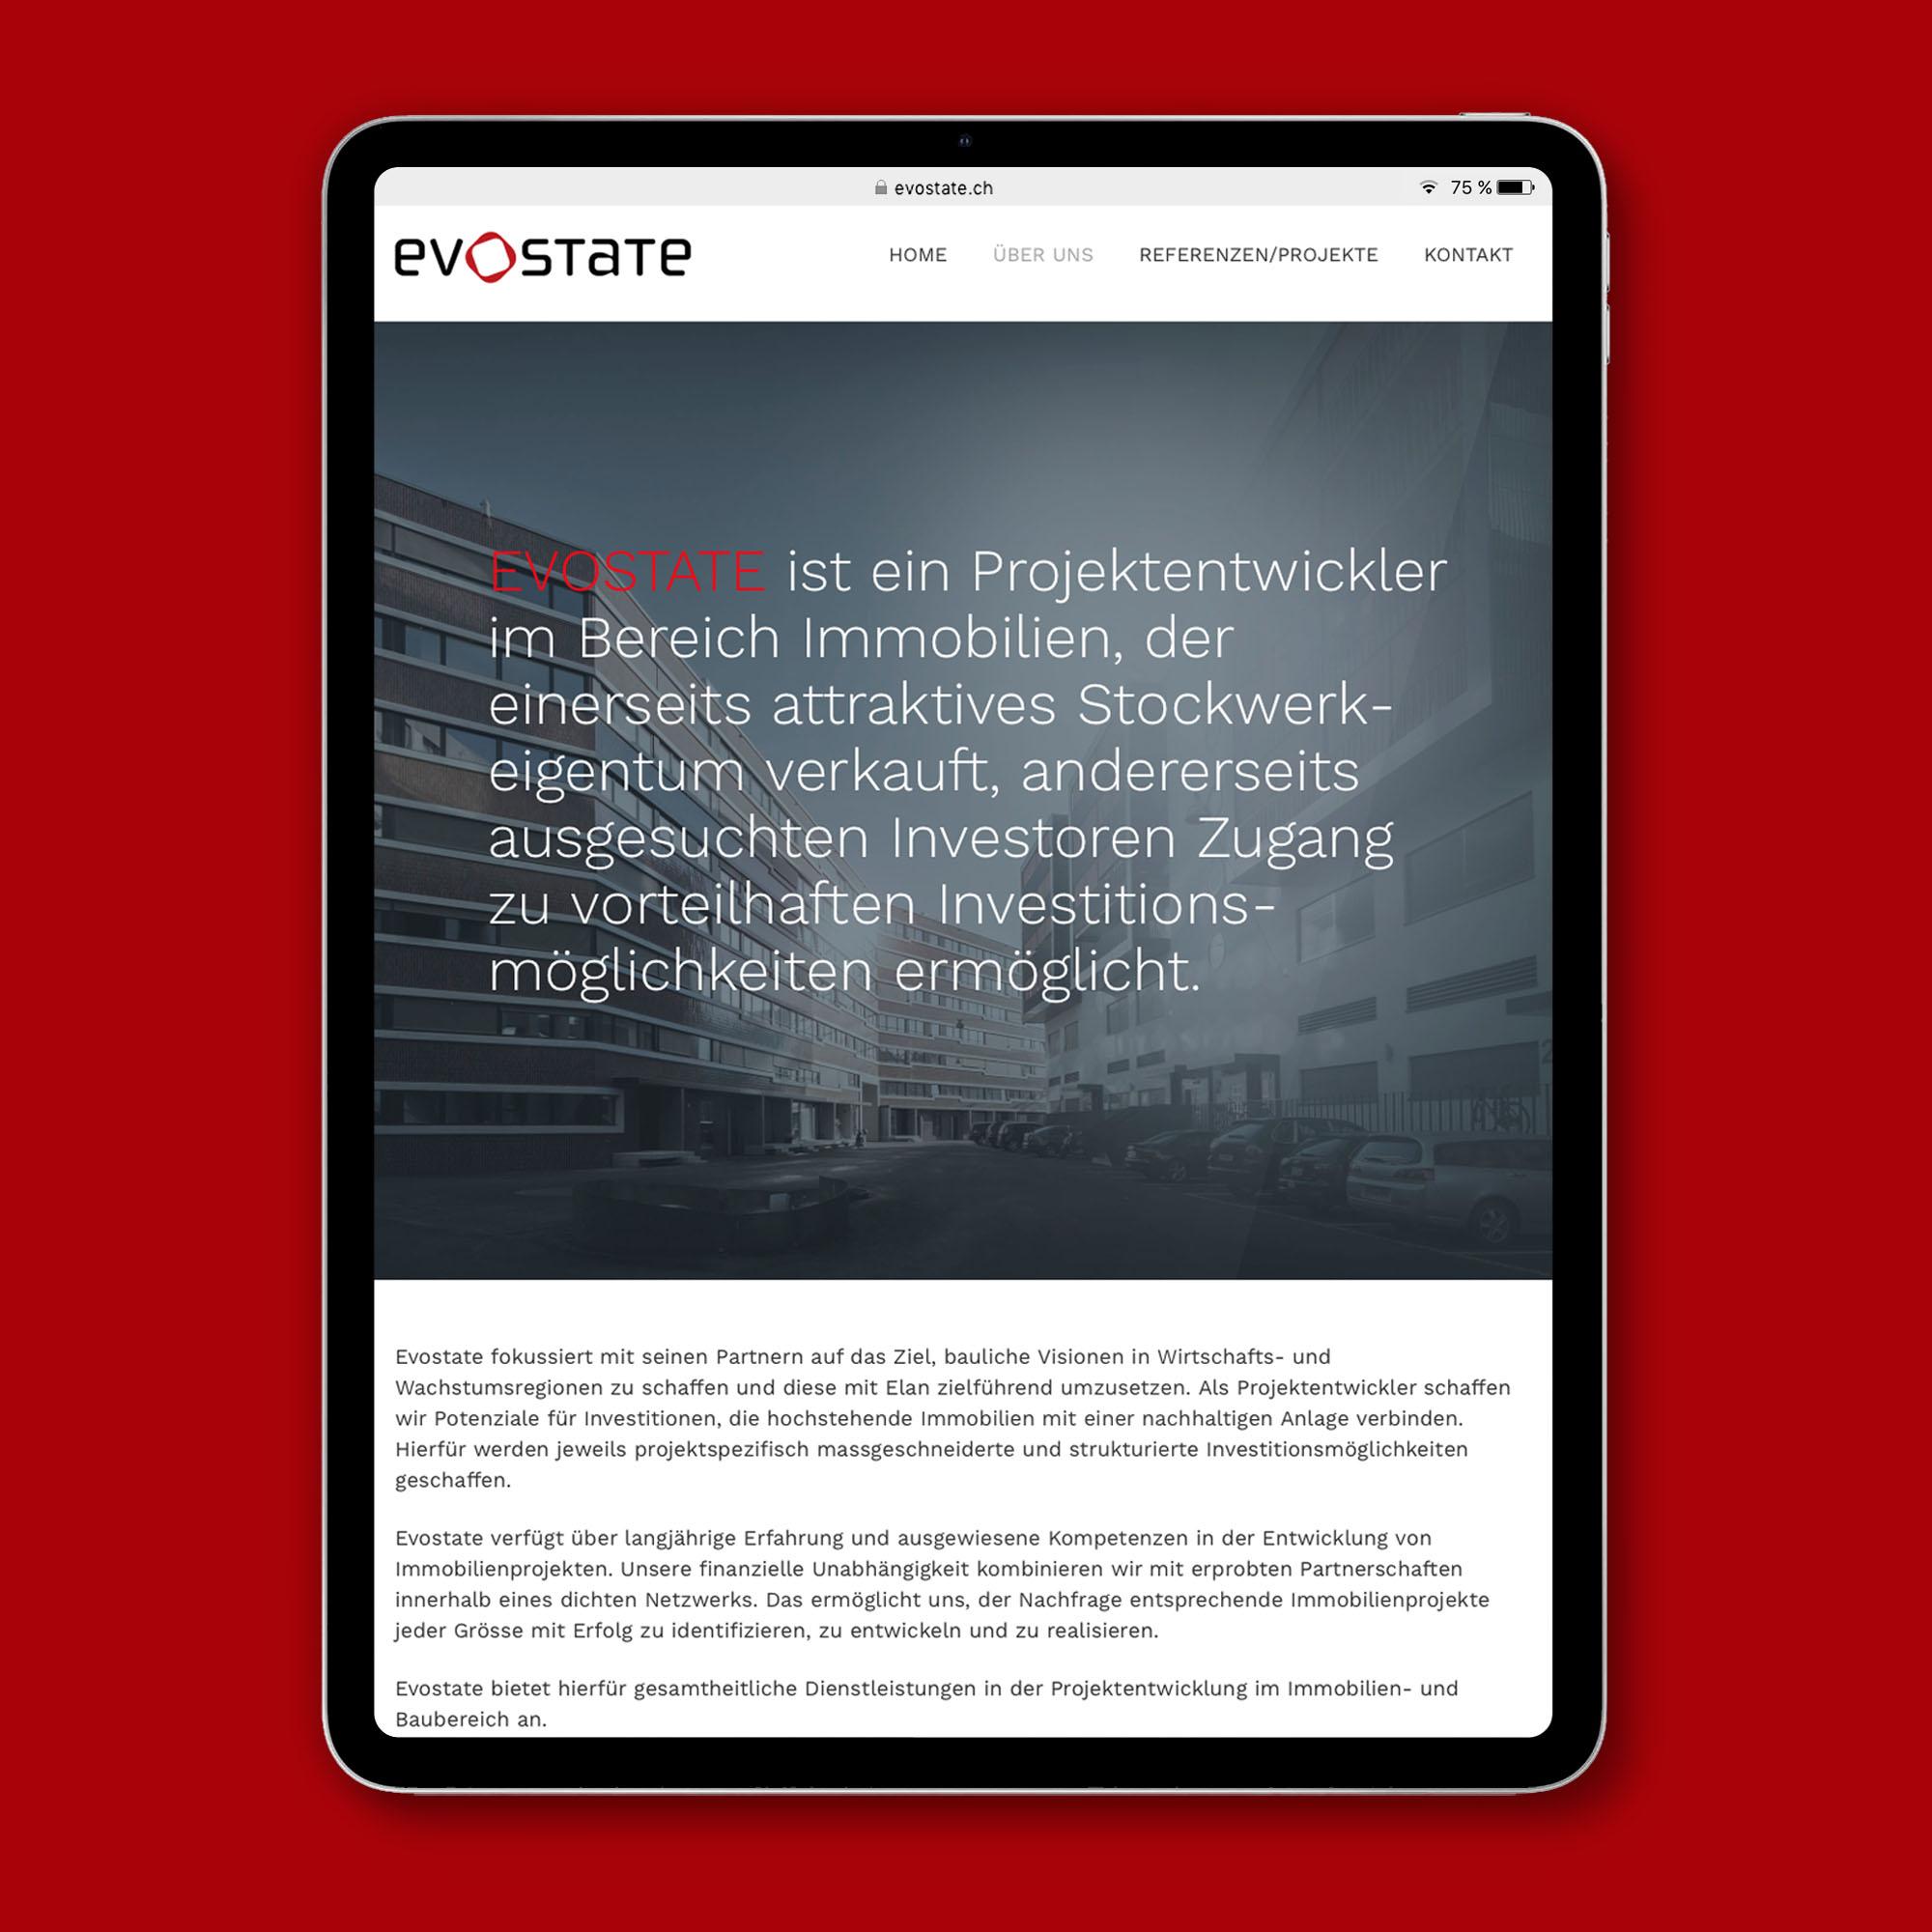 Evostate_iPad_2